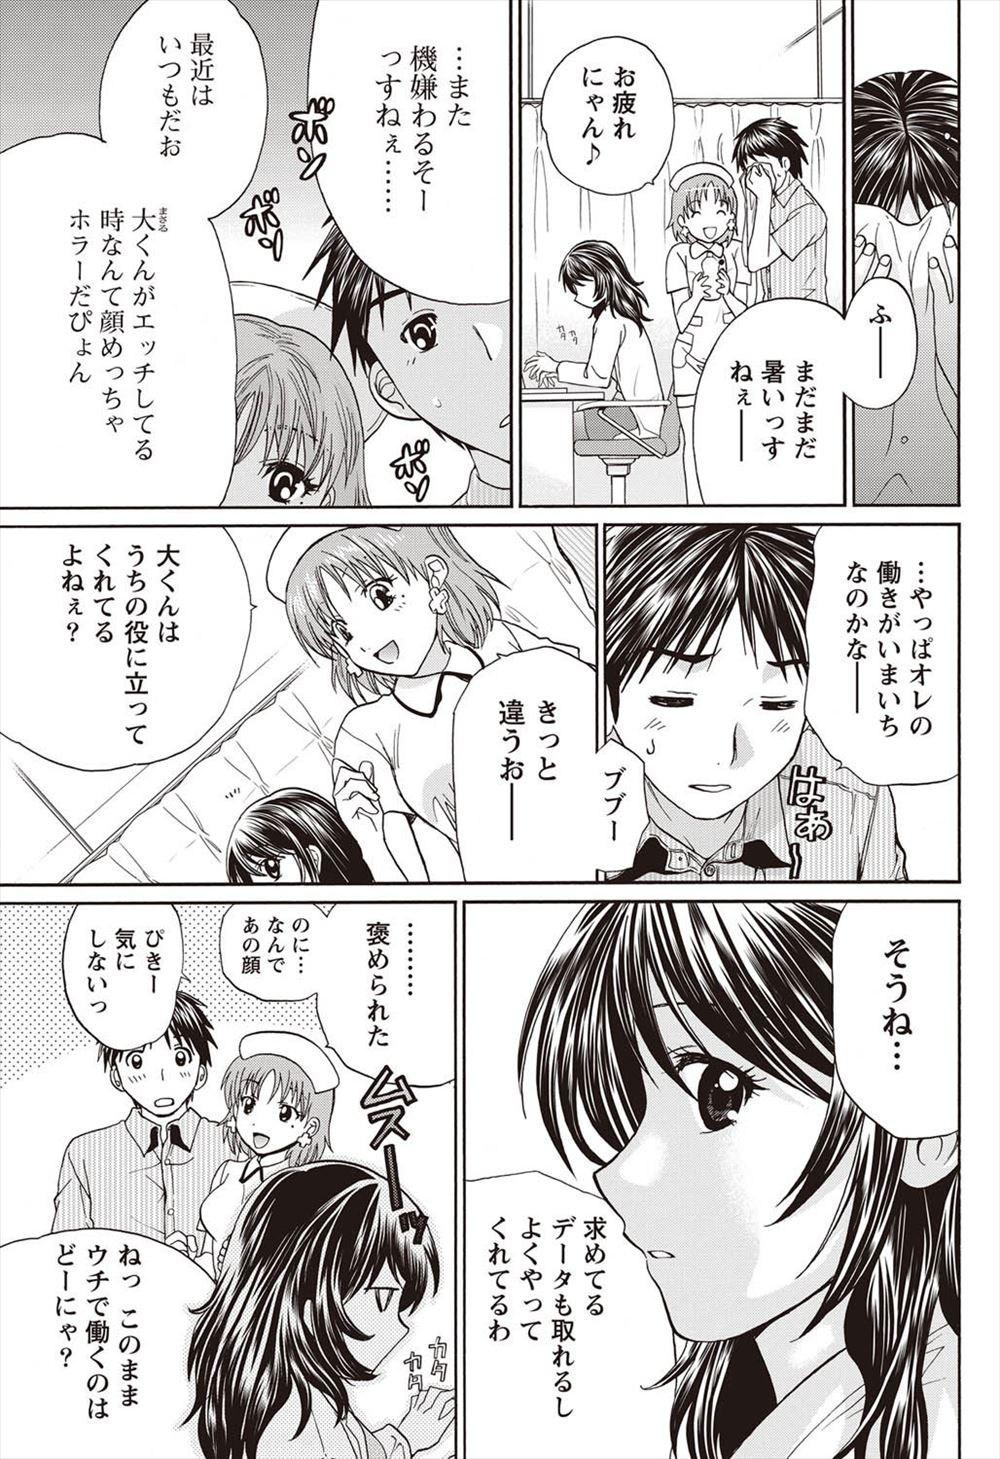 【エロ漫画同人誌】クリニックに来たセックス依存症女を治す、ってことで3Pセックスで問題解決する恋華さんwwww 003